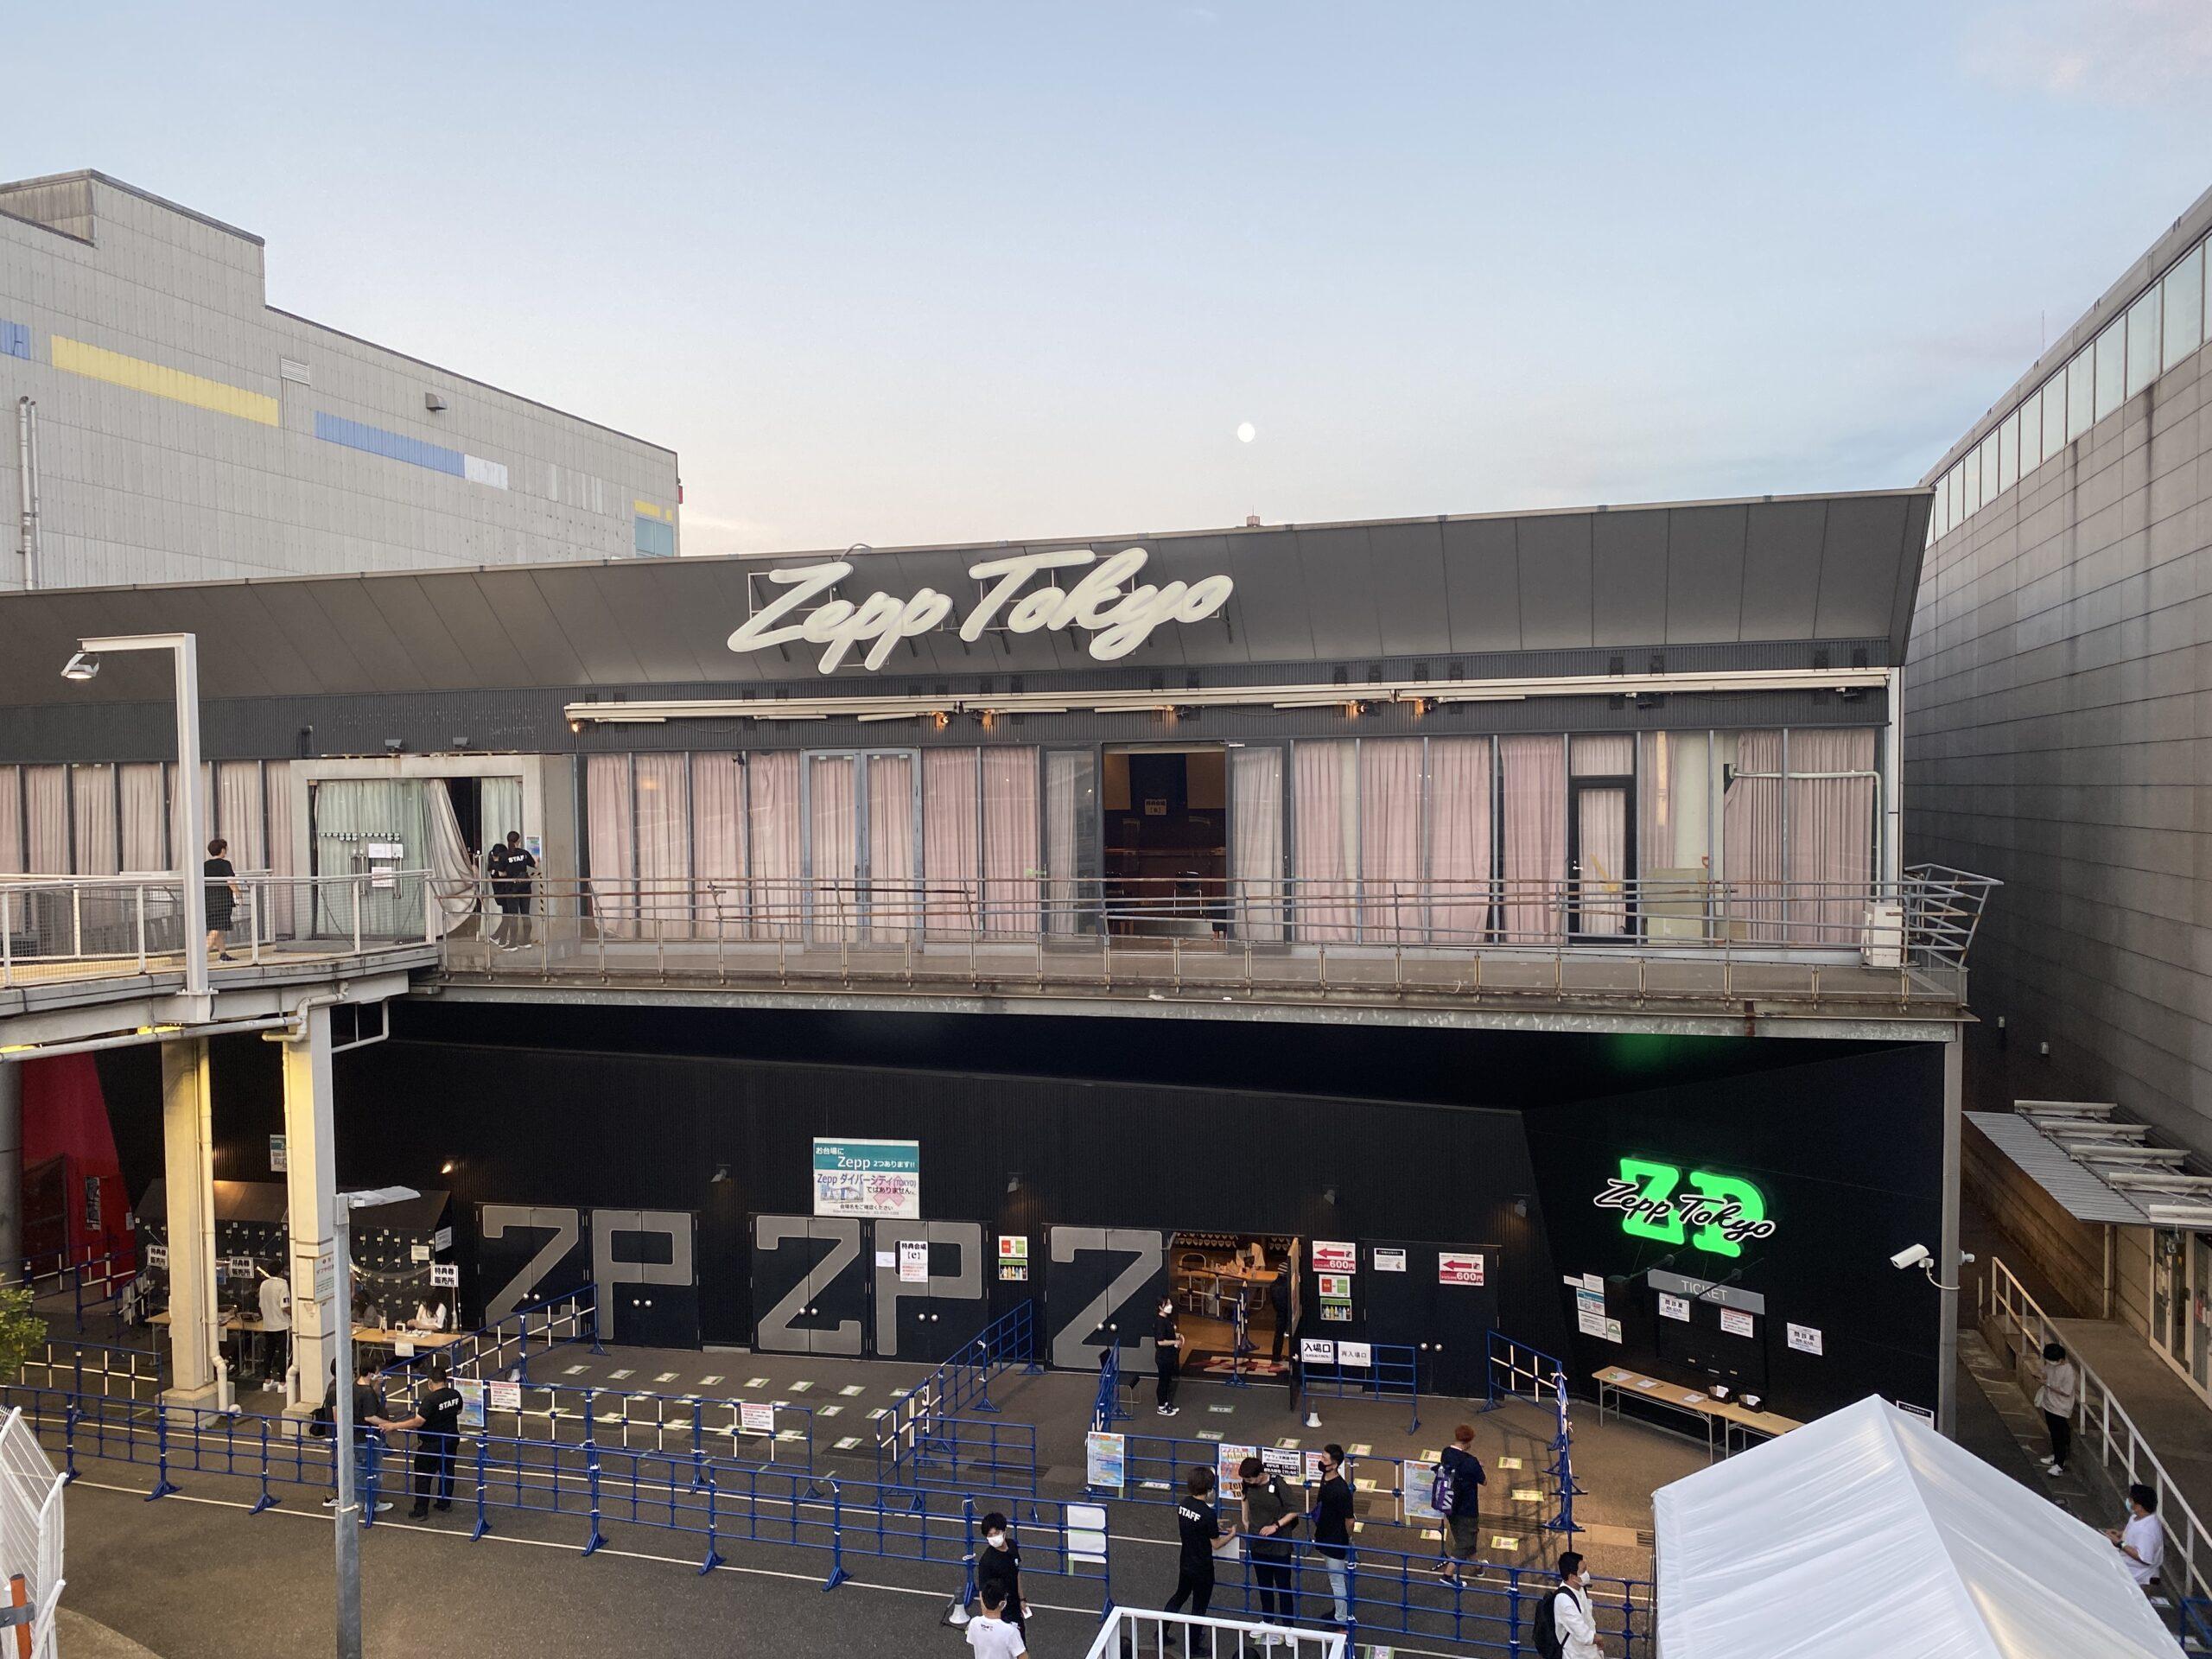 B'zも過去にライブ公演を行った「Zepp Tokyo」の外観写真